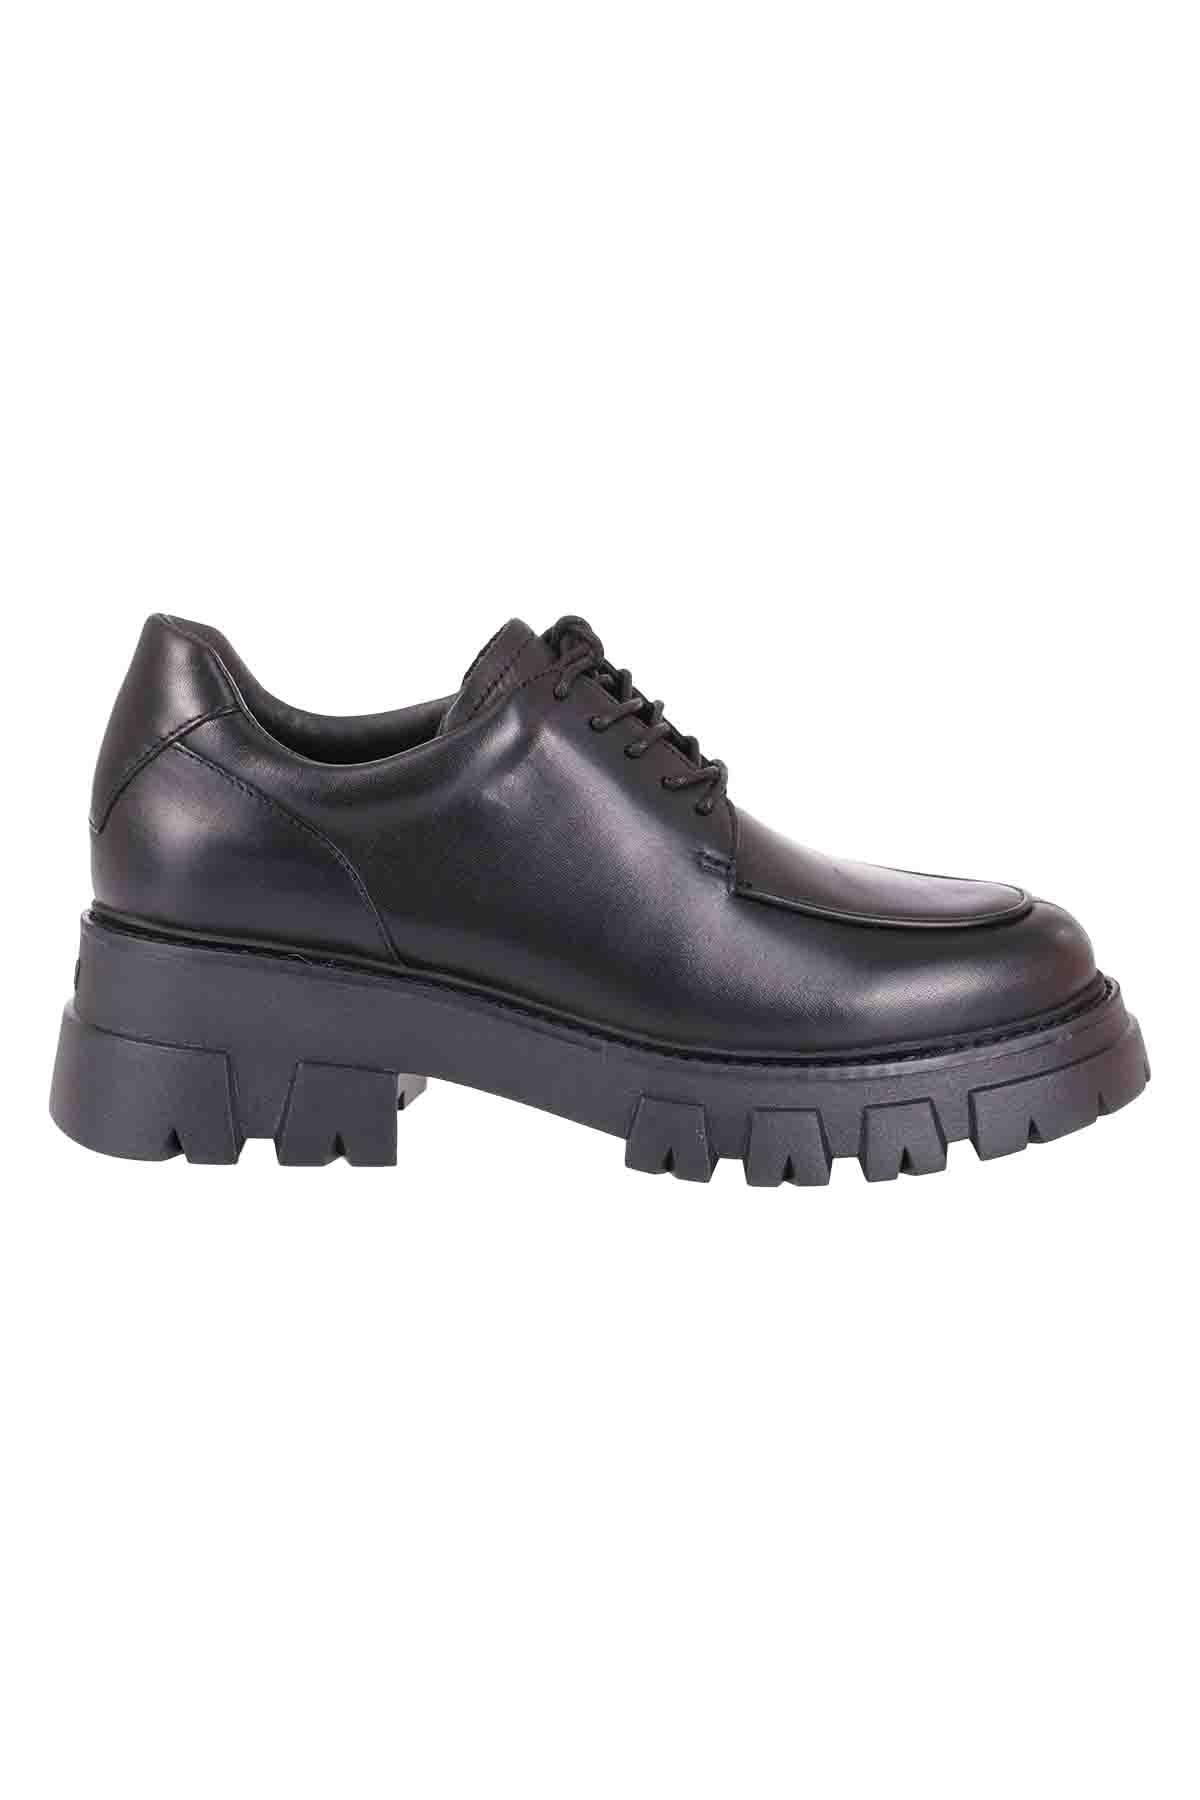 Ash Laced Shoes